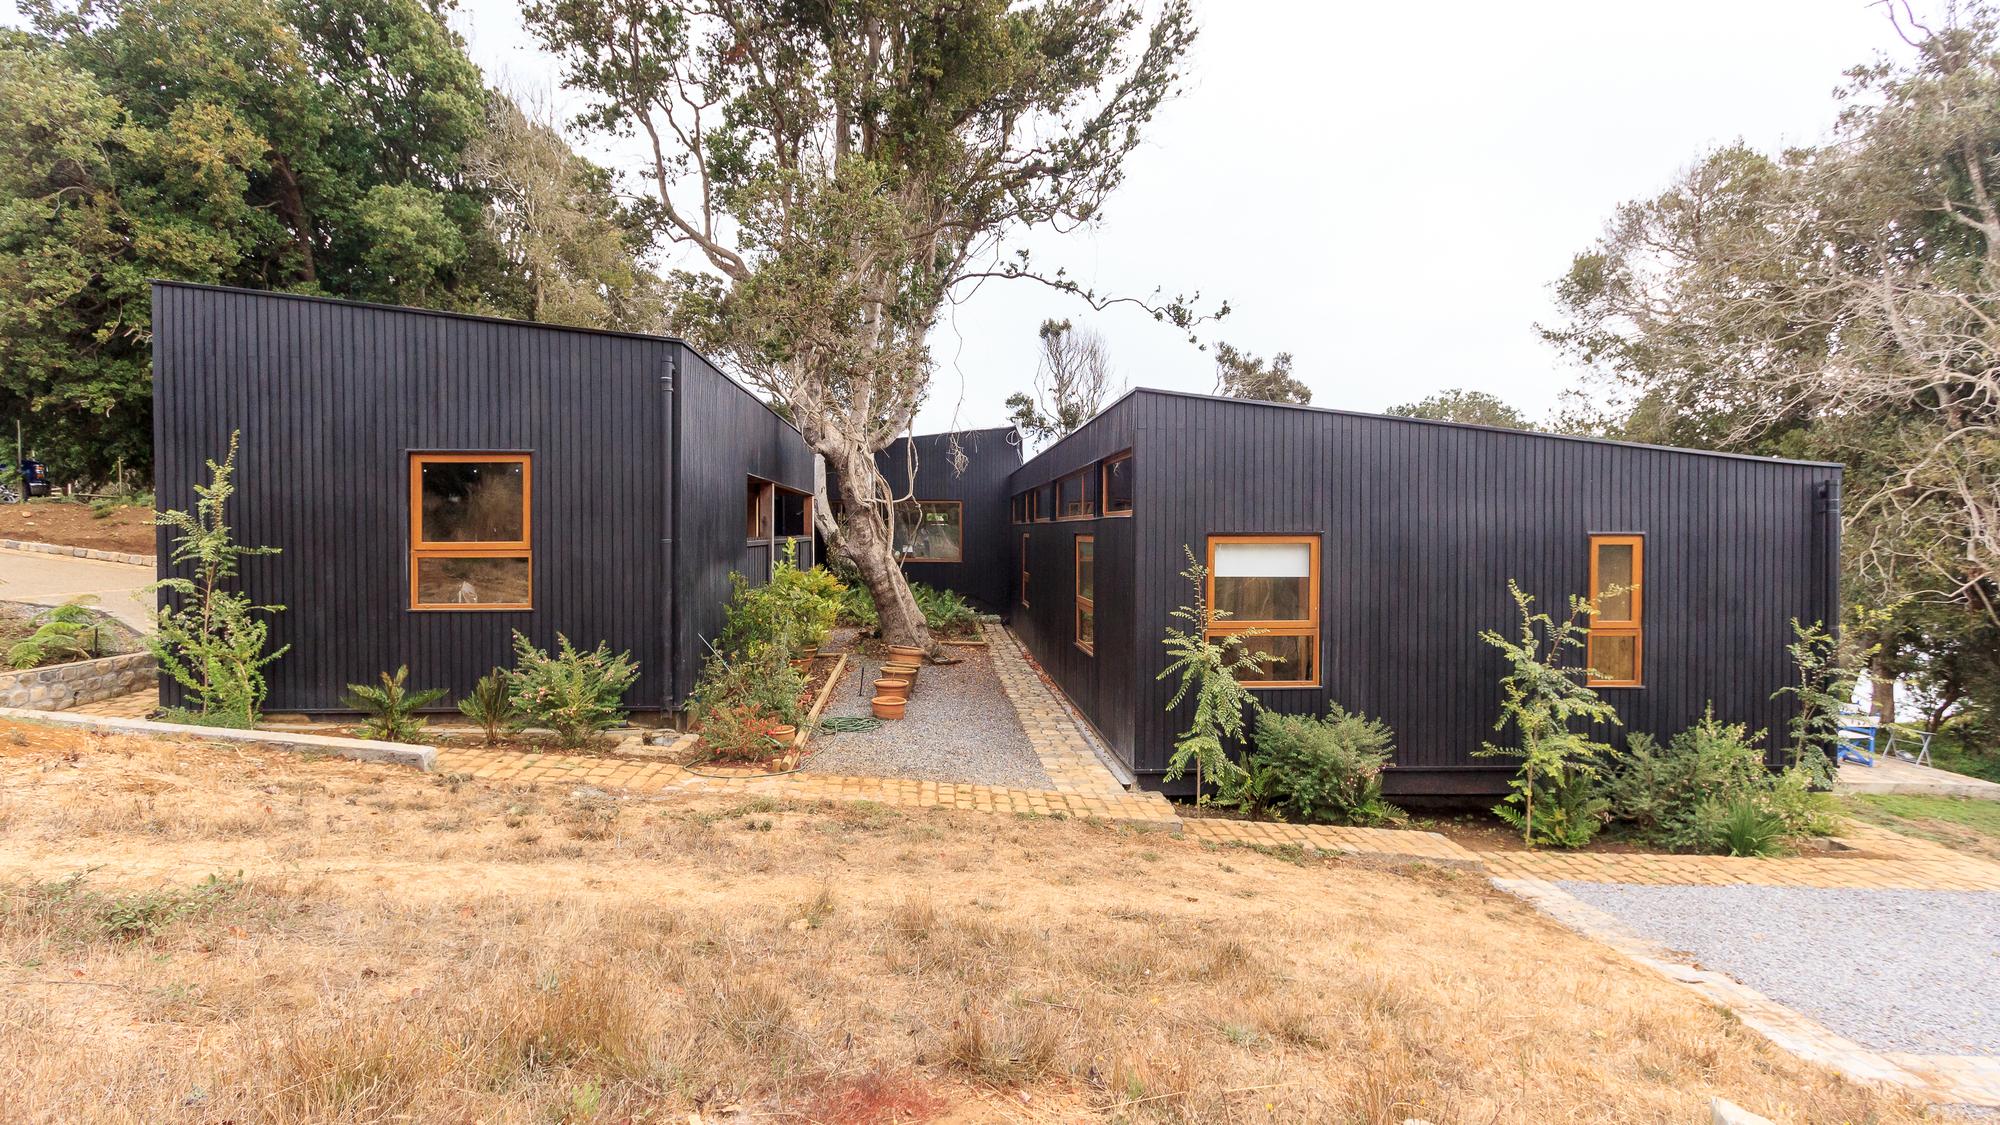 Las escaleras country house prado arquitectos archdaily for Escaleras de casa